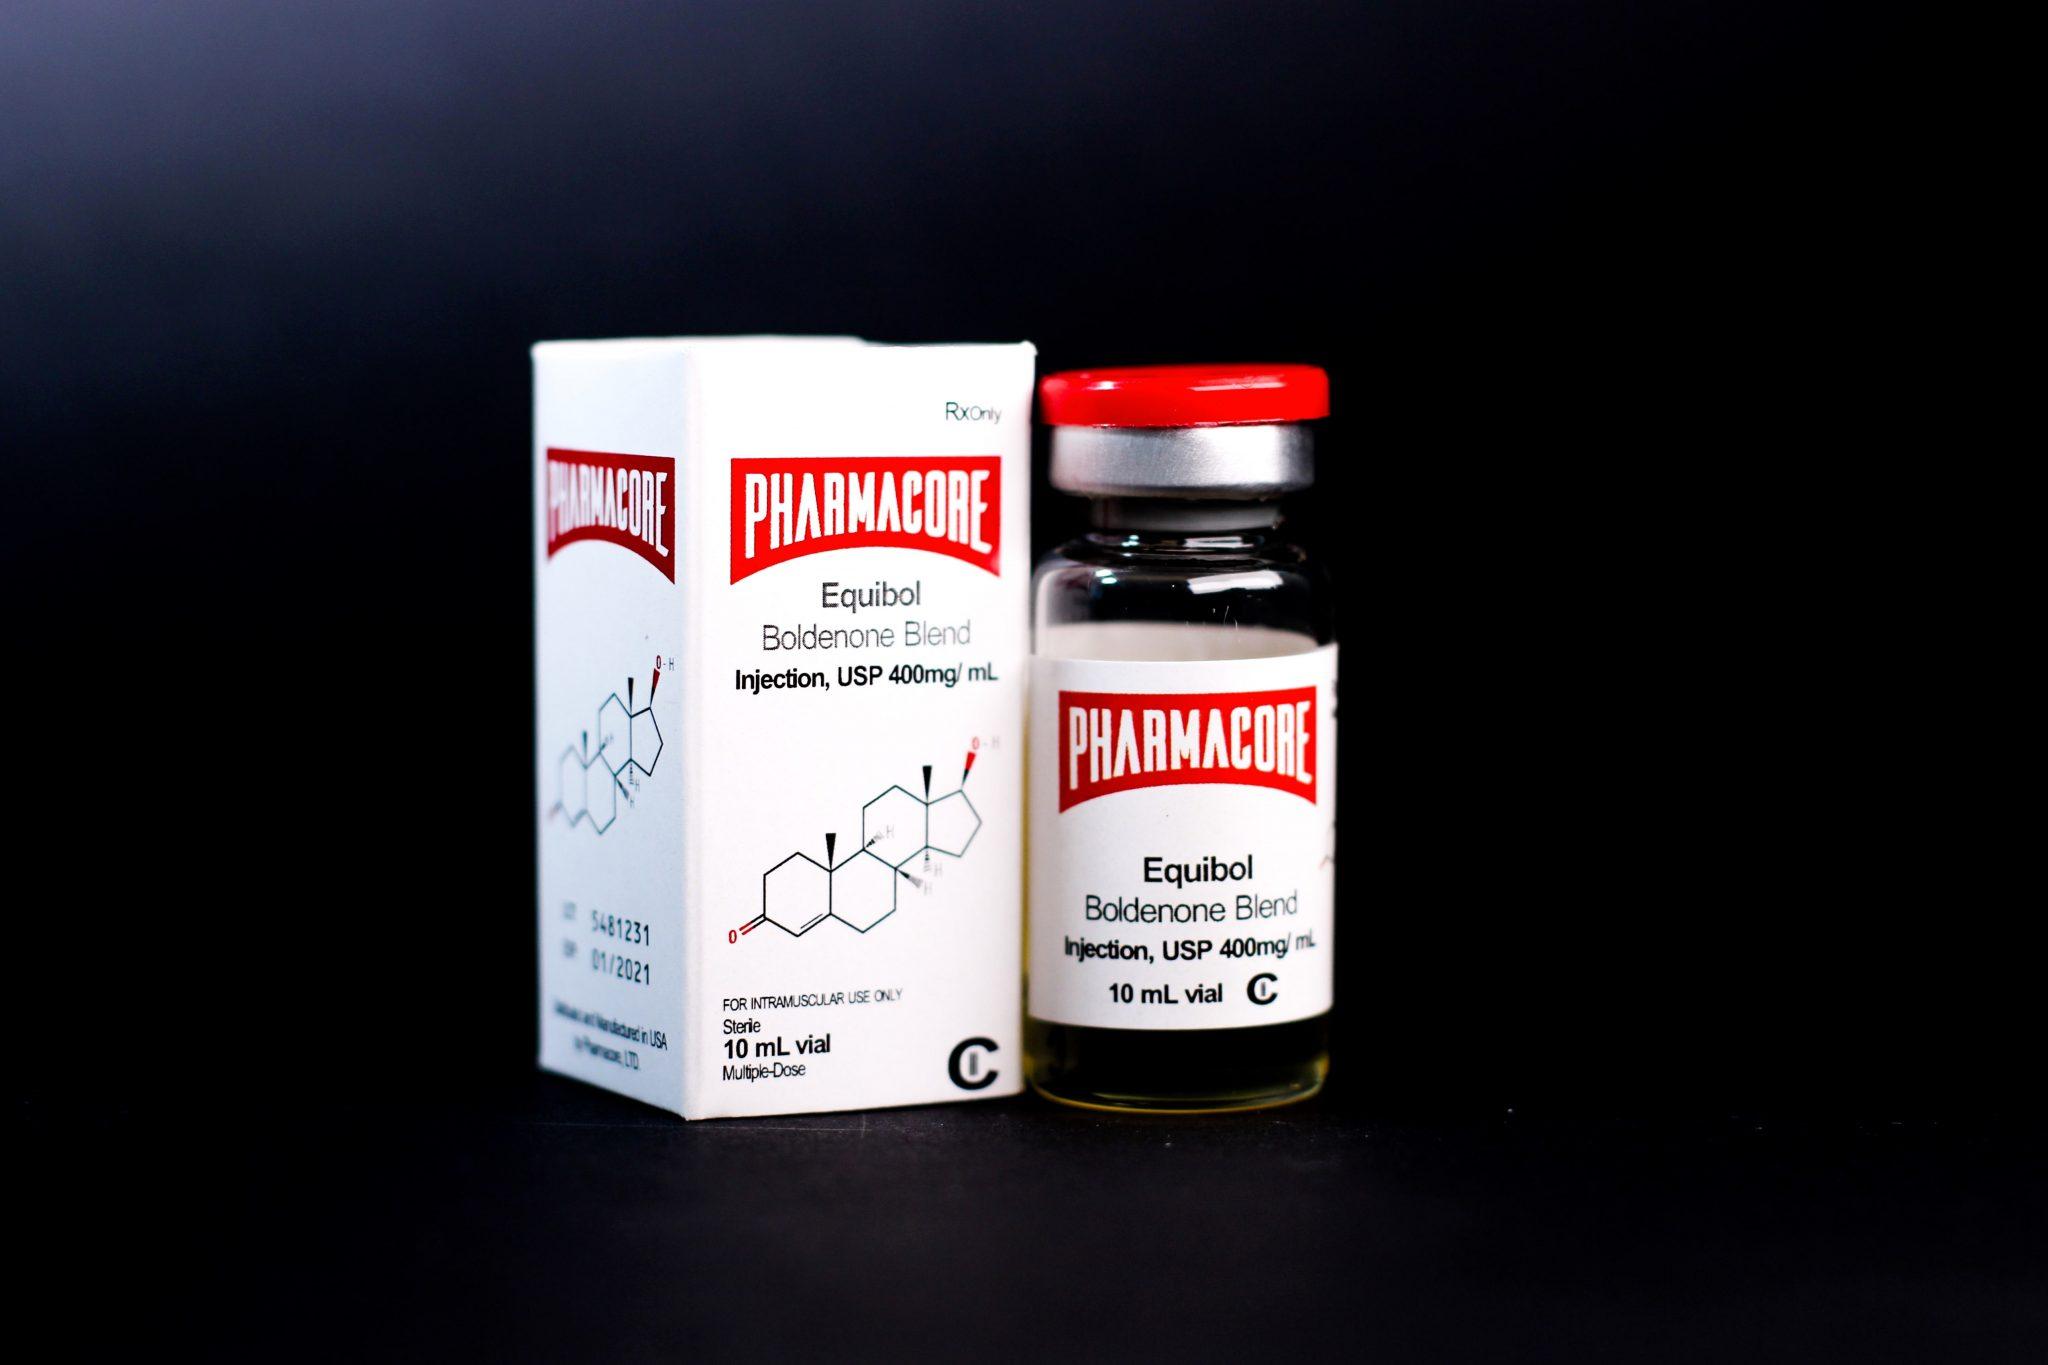 Equibol 400mg Ml Pharmacore